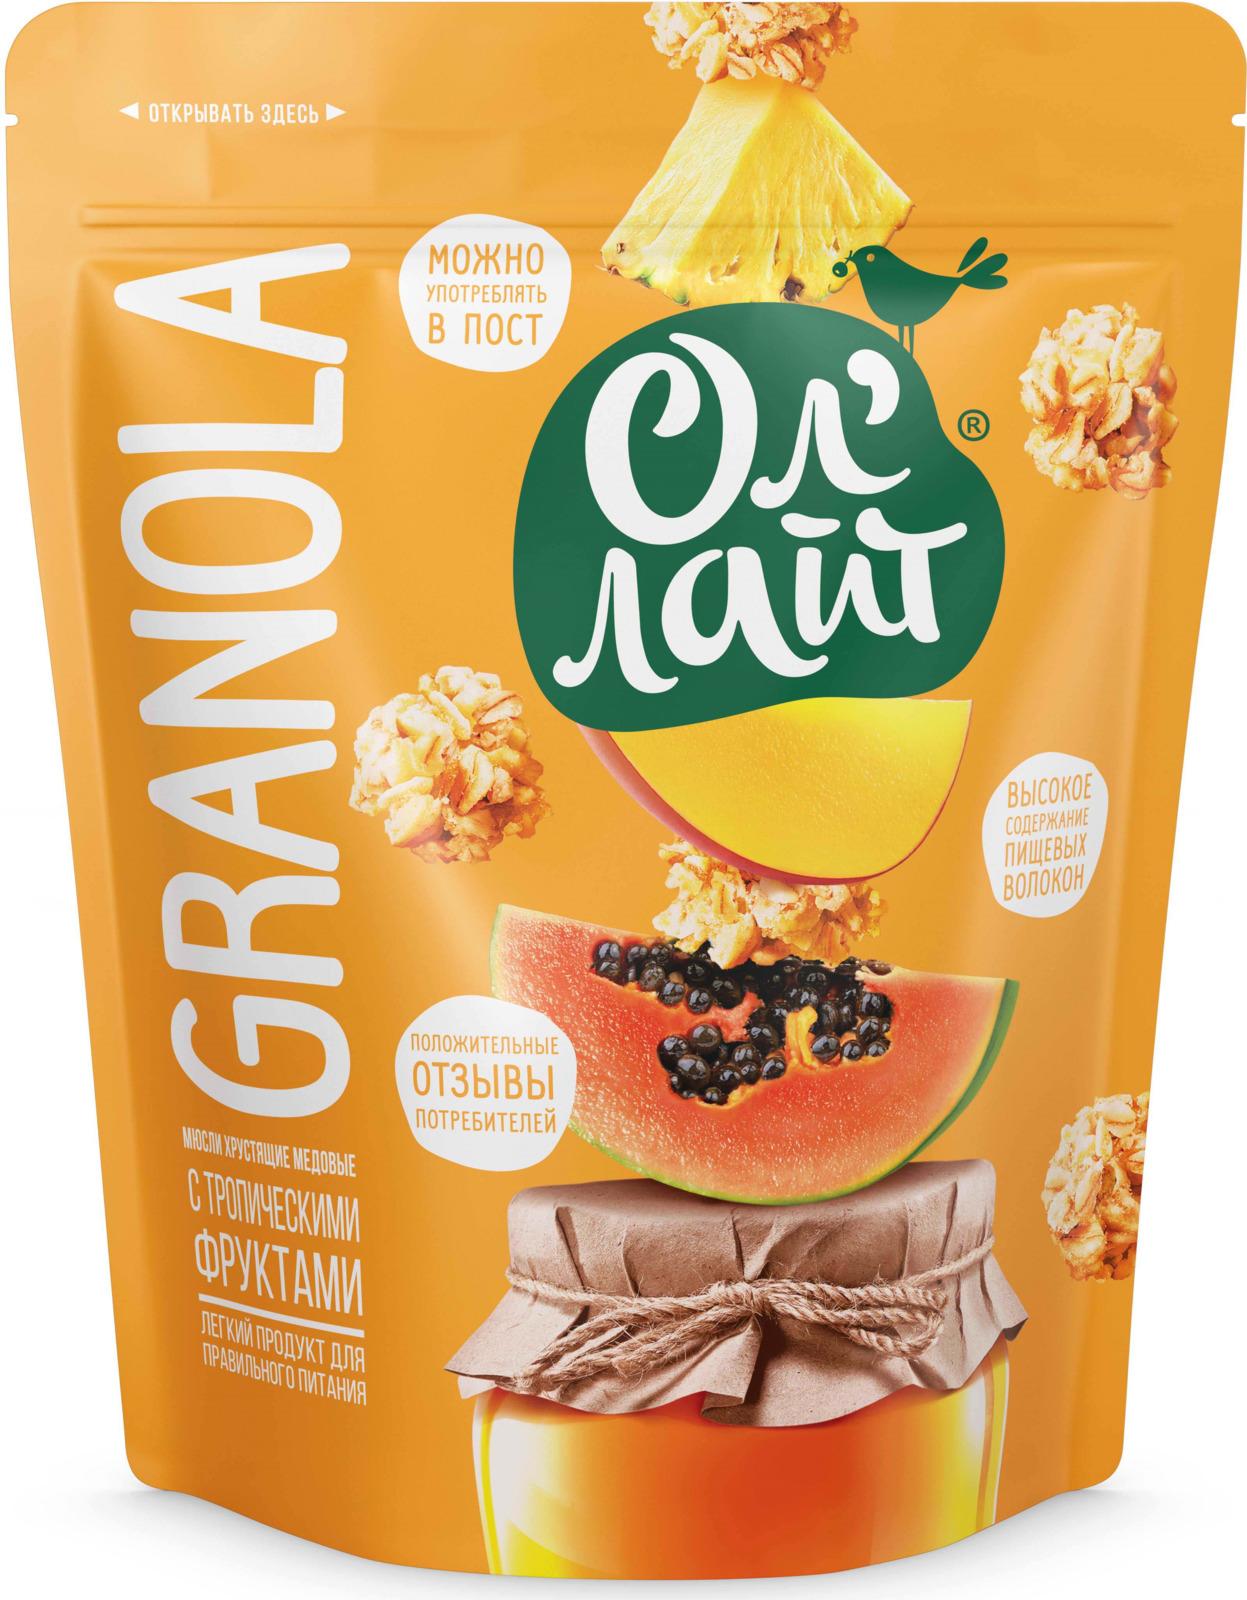 Мюсли хрустящие Ол Лайт Granola, медовые, с тропическими фруктами, 280 г